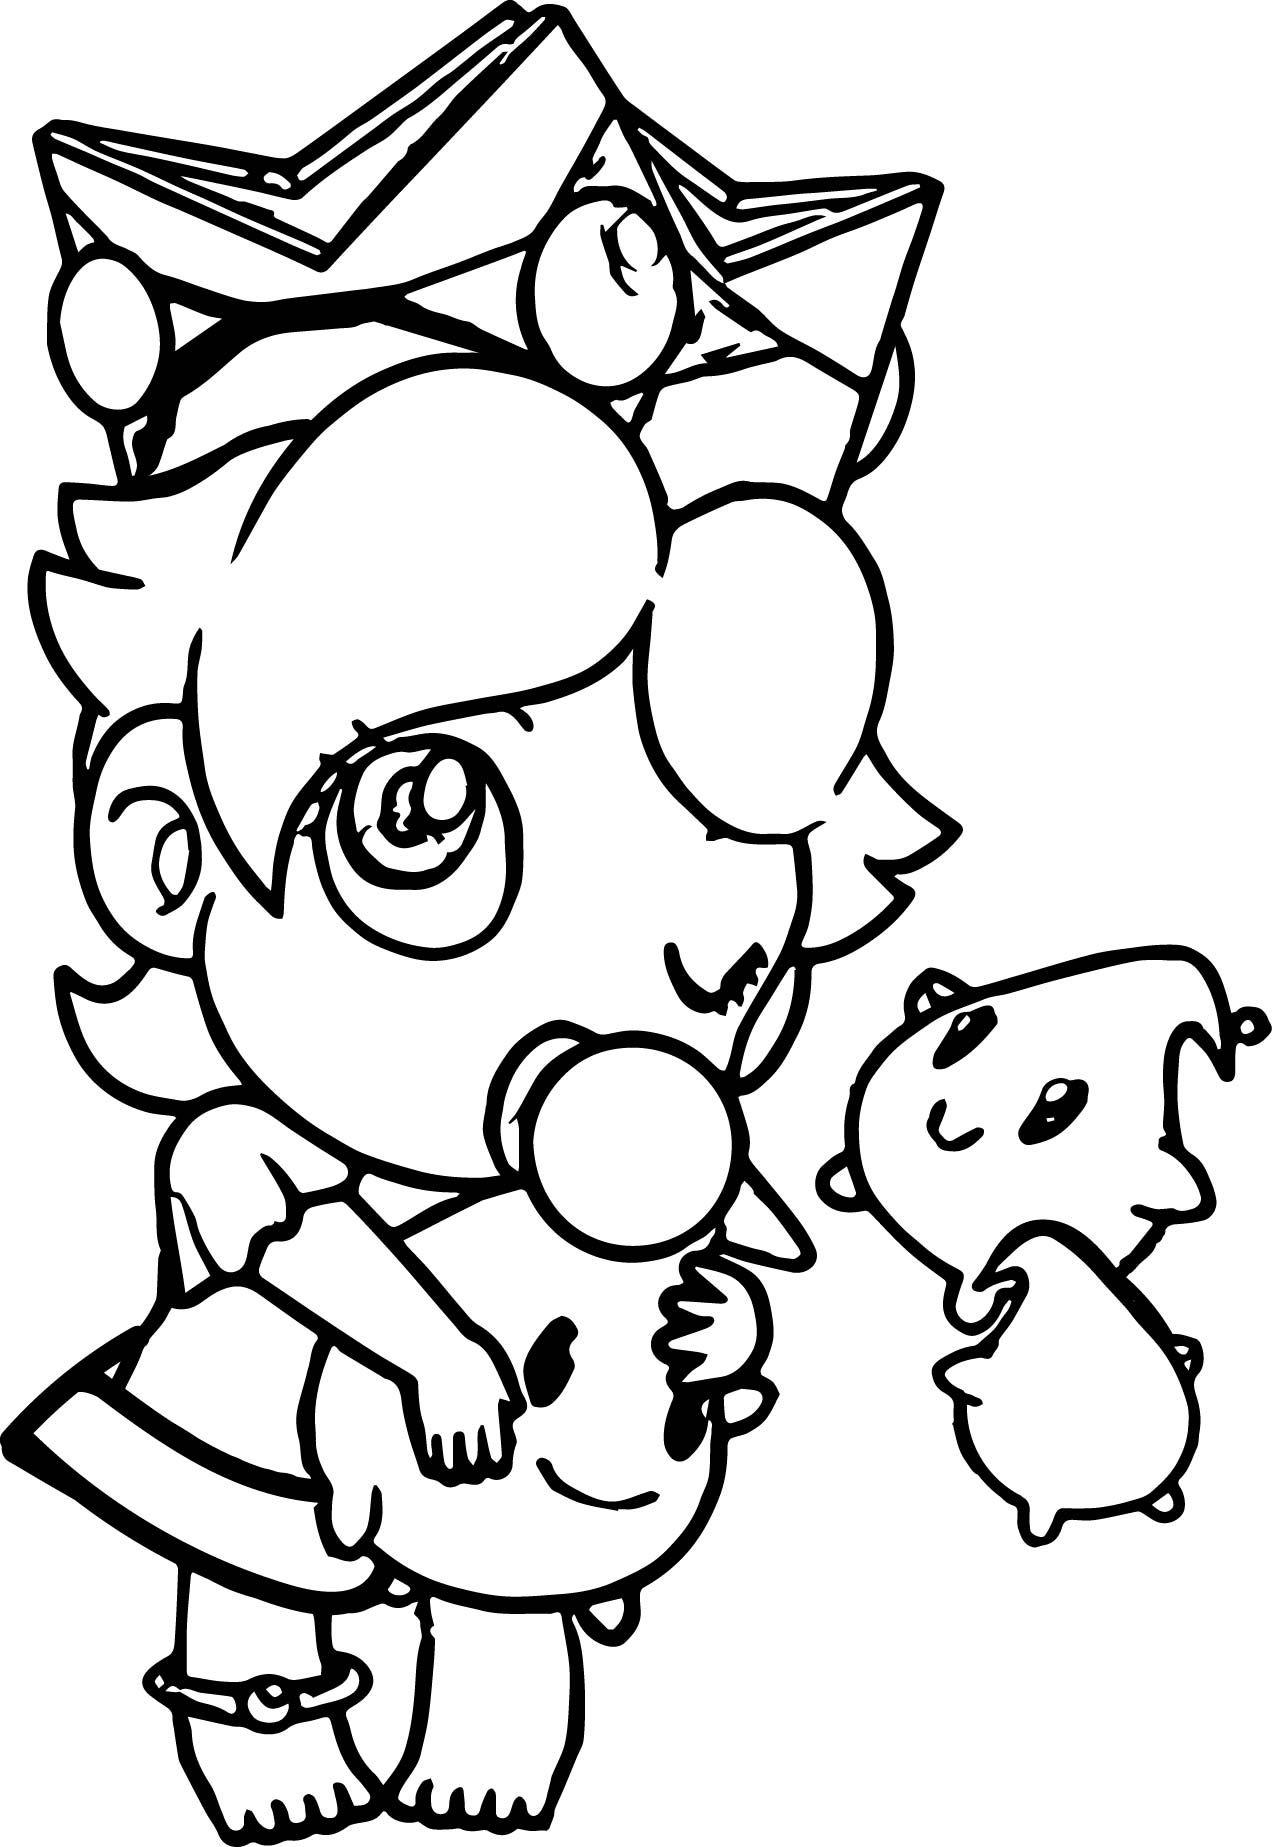 baby rosalina peach daisy and rosalina as babies coloring page - Rosalina Peach Coloring Pages